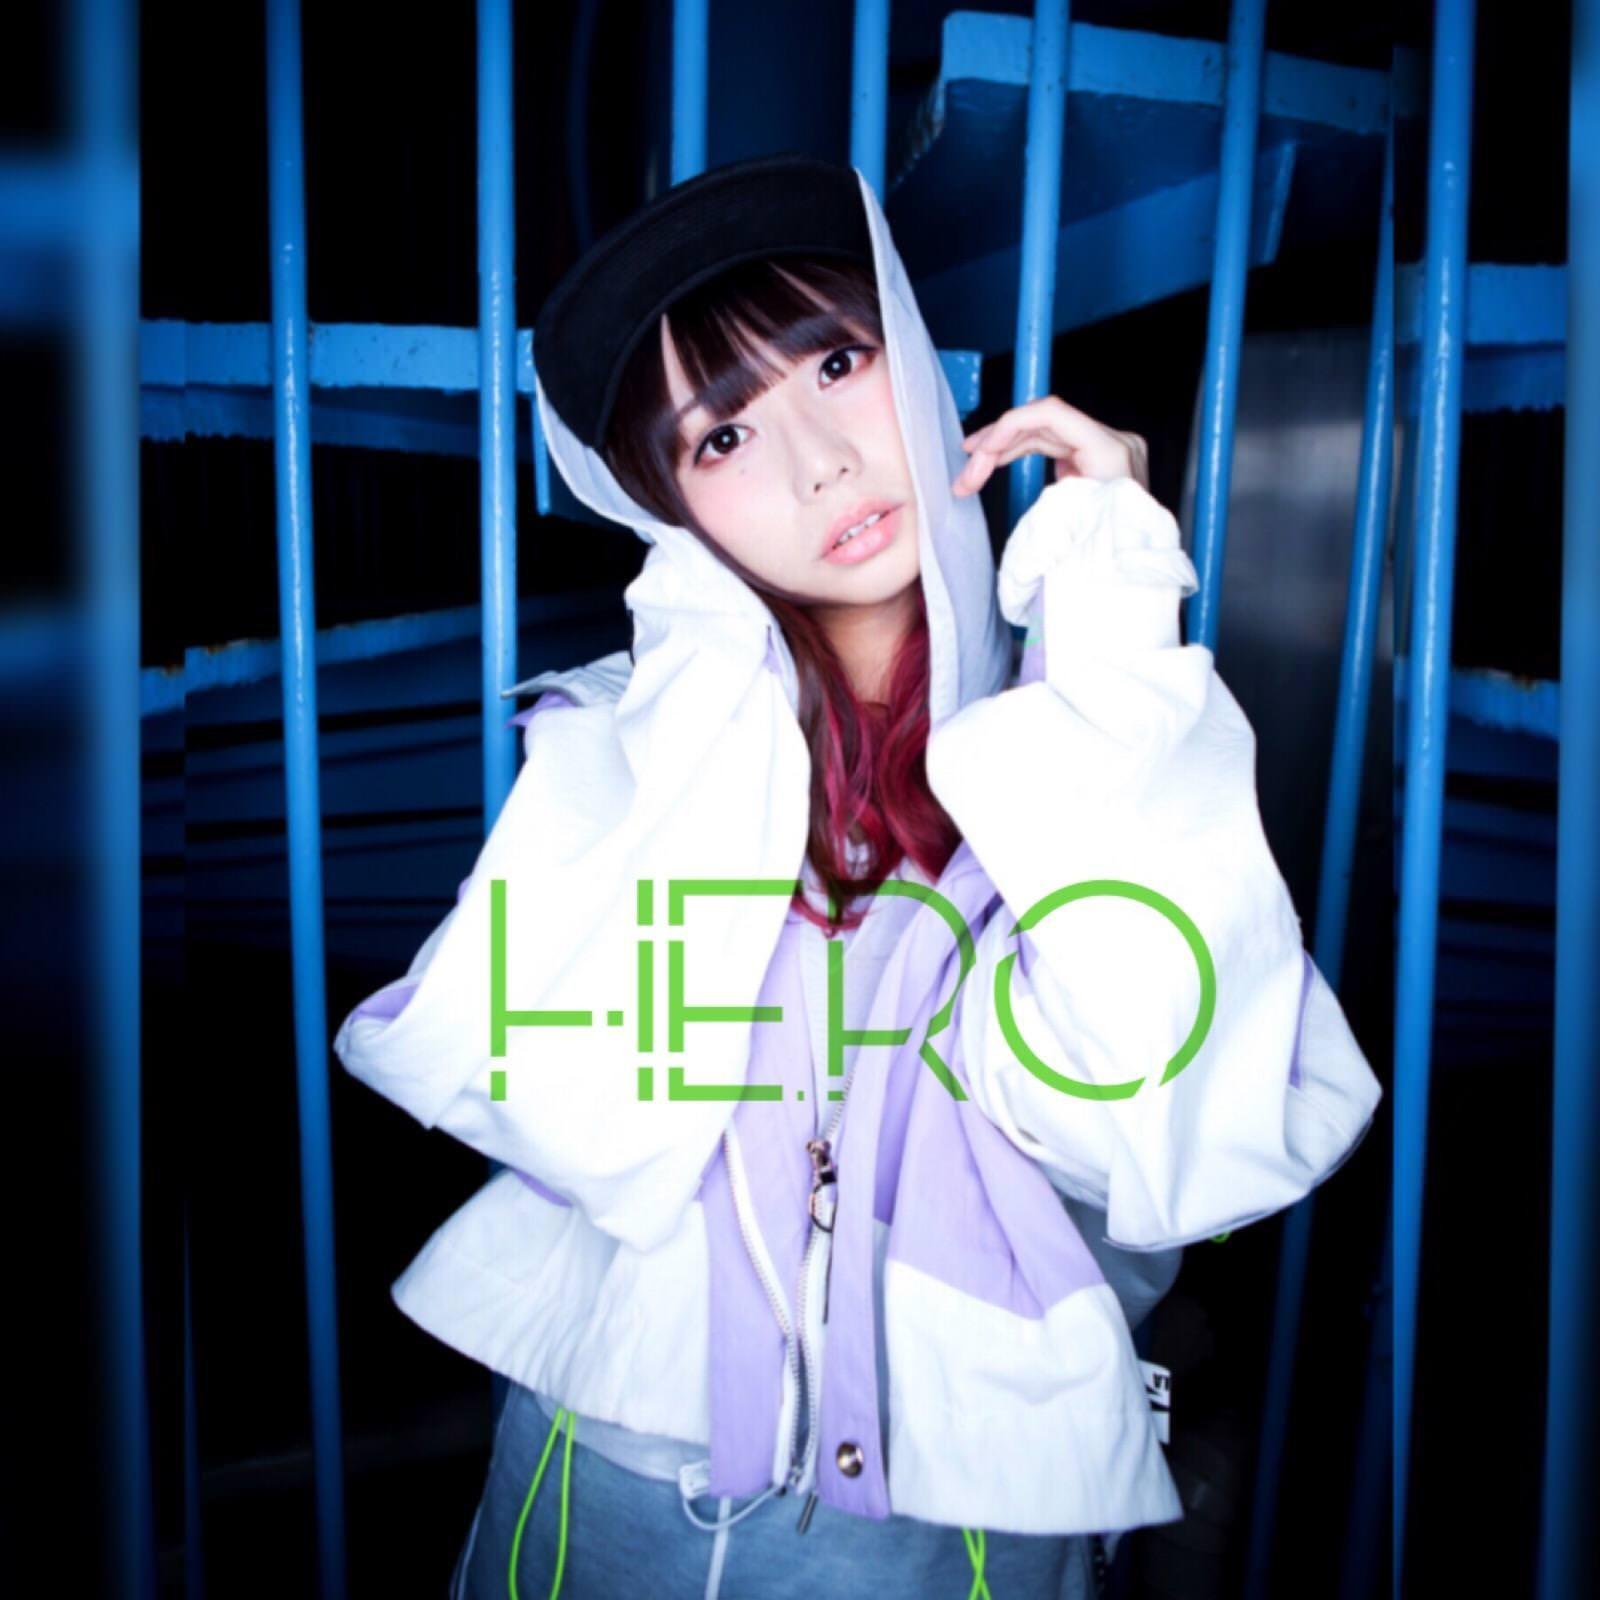 SHACHI – HERO [FLAC / 24bit Lossless / WEB] [2018 11 30] – J-pop